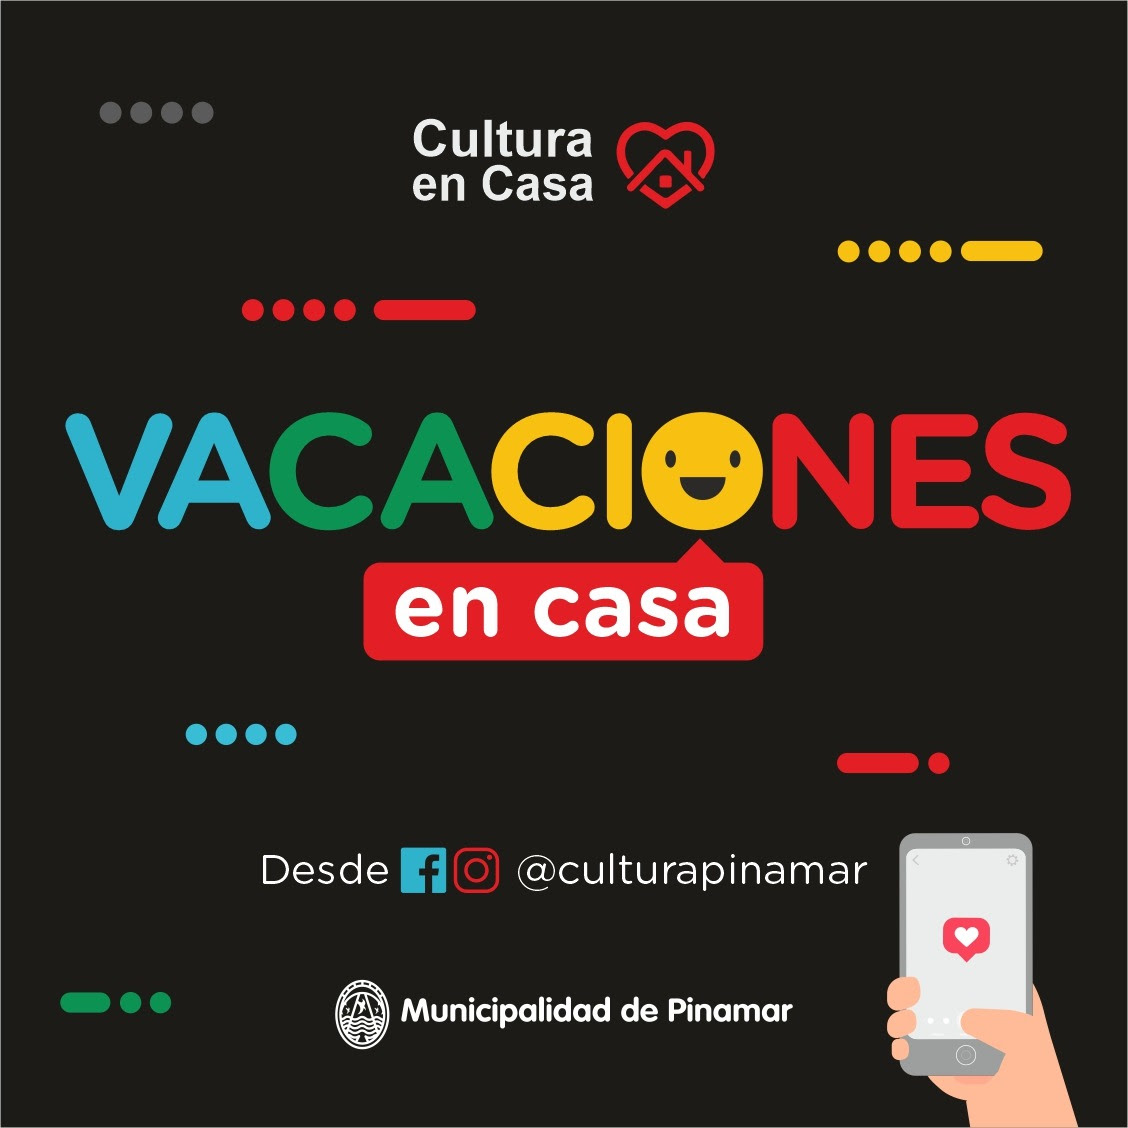 Cultura en Casa-Vacaciones en Casa